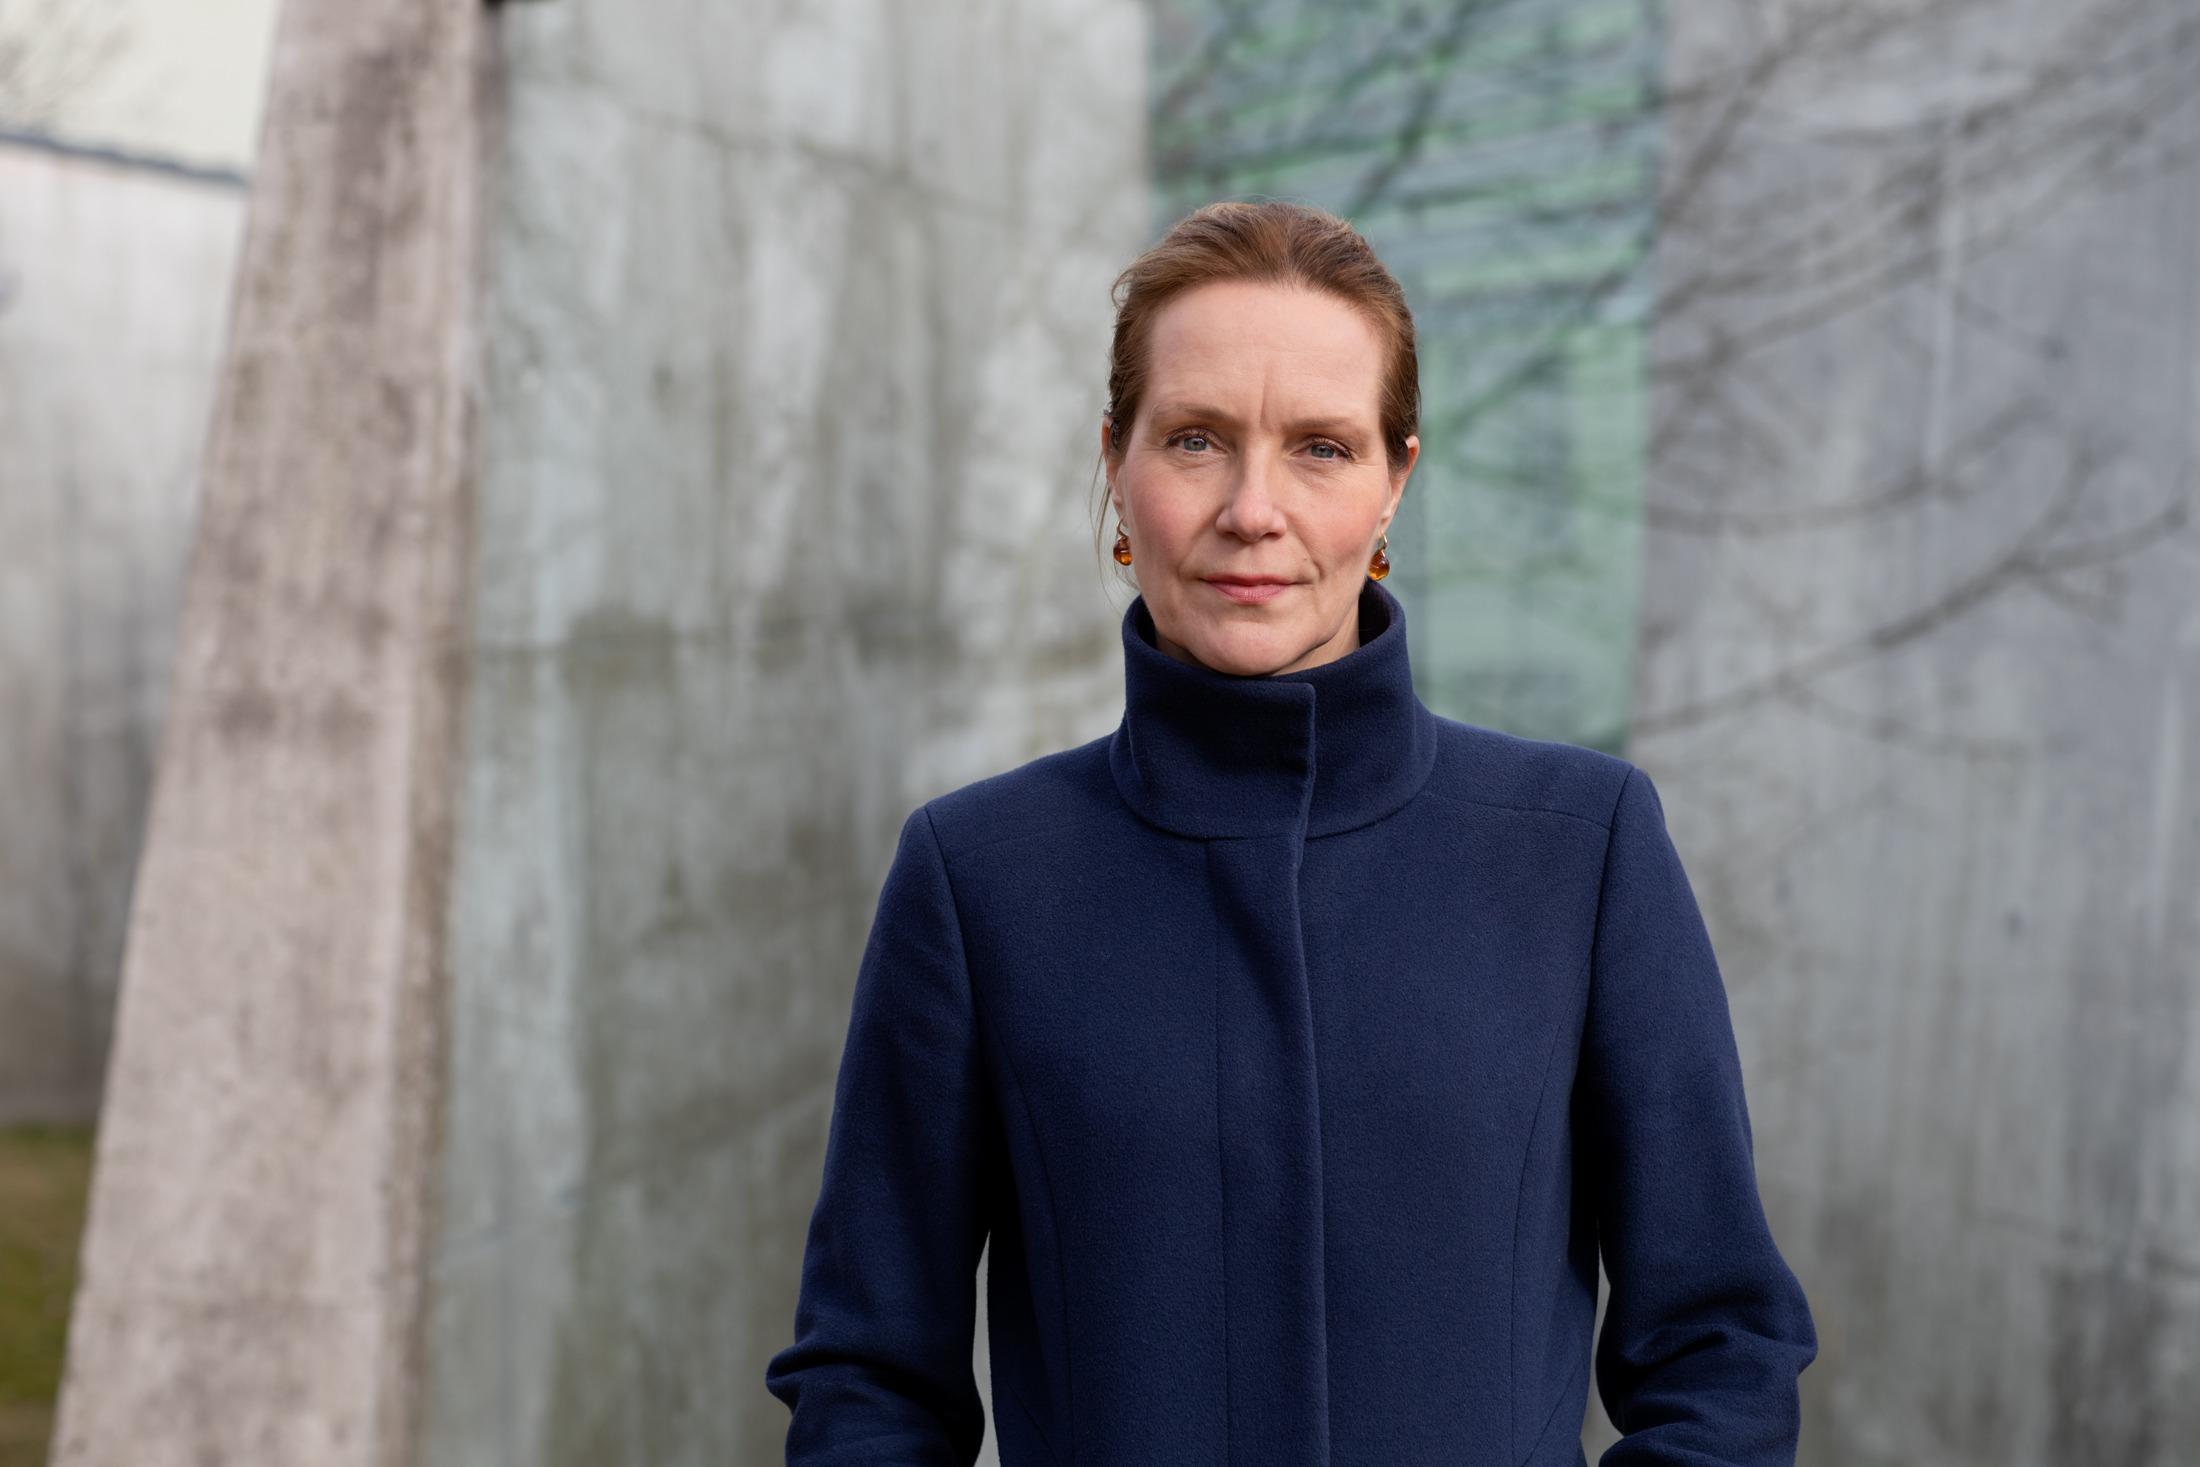 Bilde av riksantikvar Hanna Geiran foran en grå betongvegg